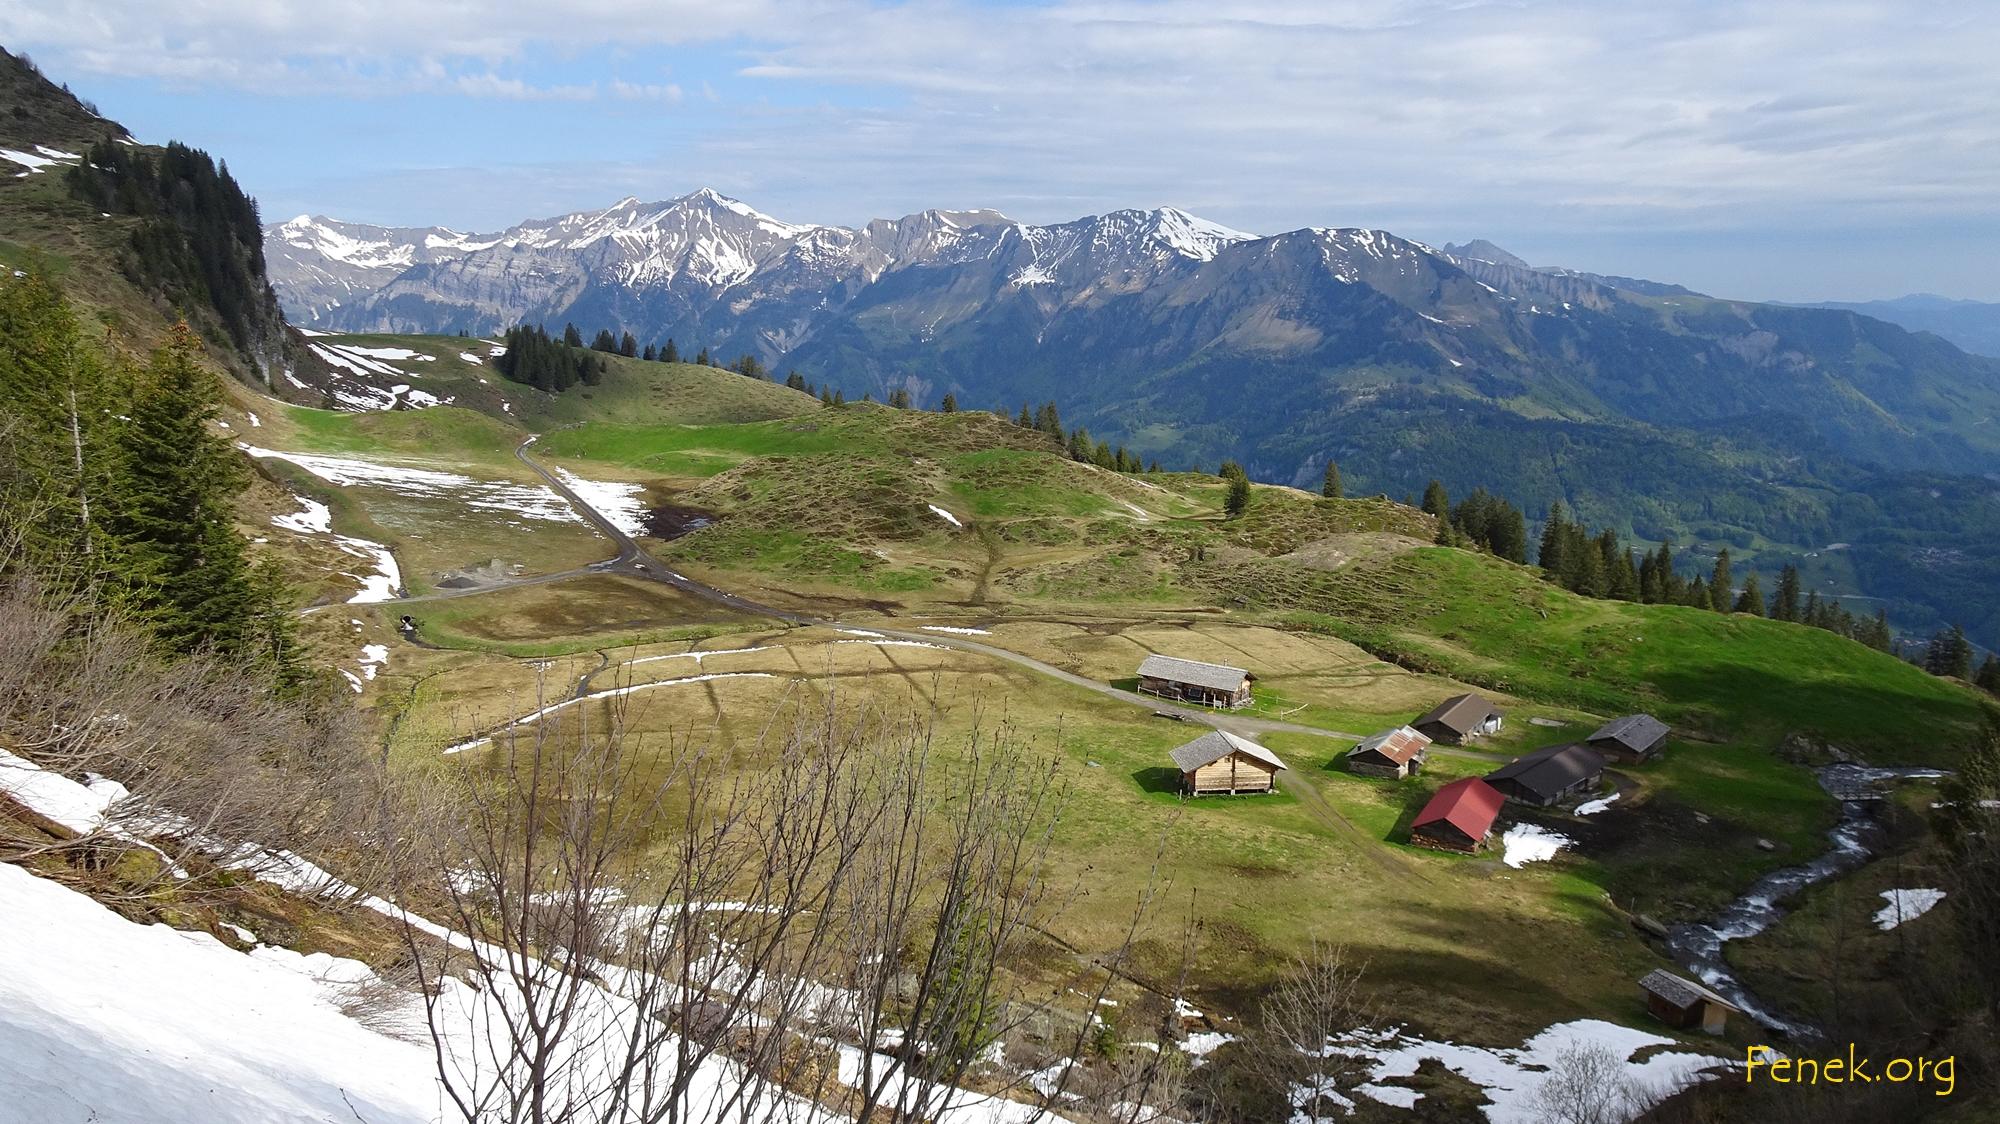 im mittlisten Wandel - eine Alp umgeben von Moorlandschaft